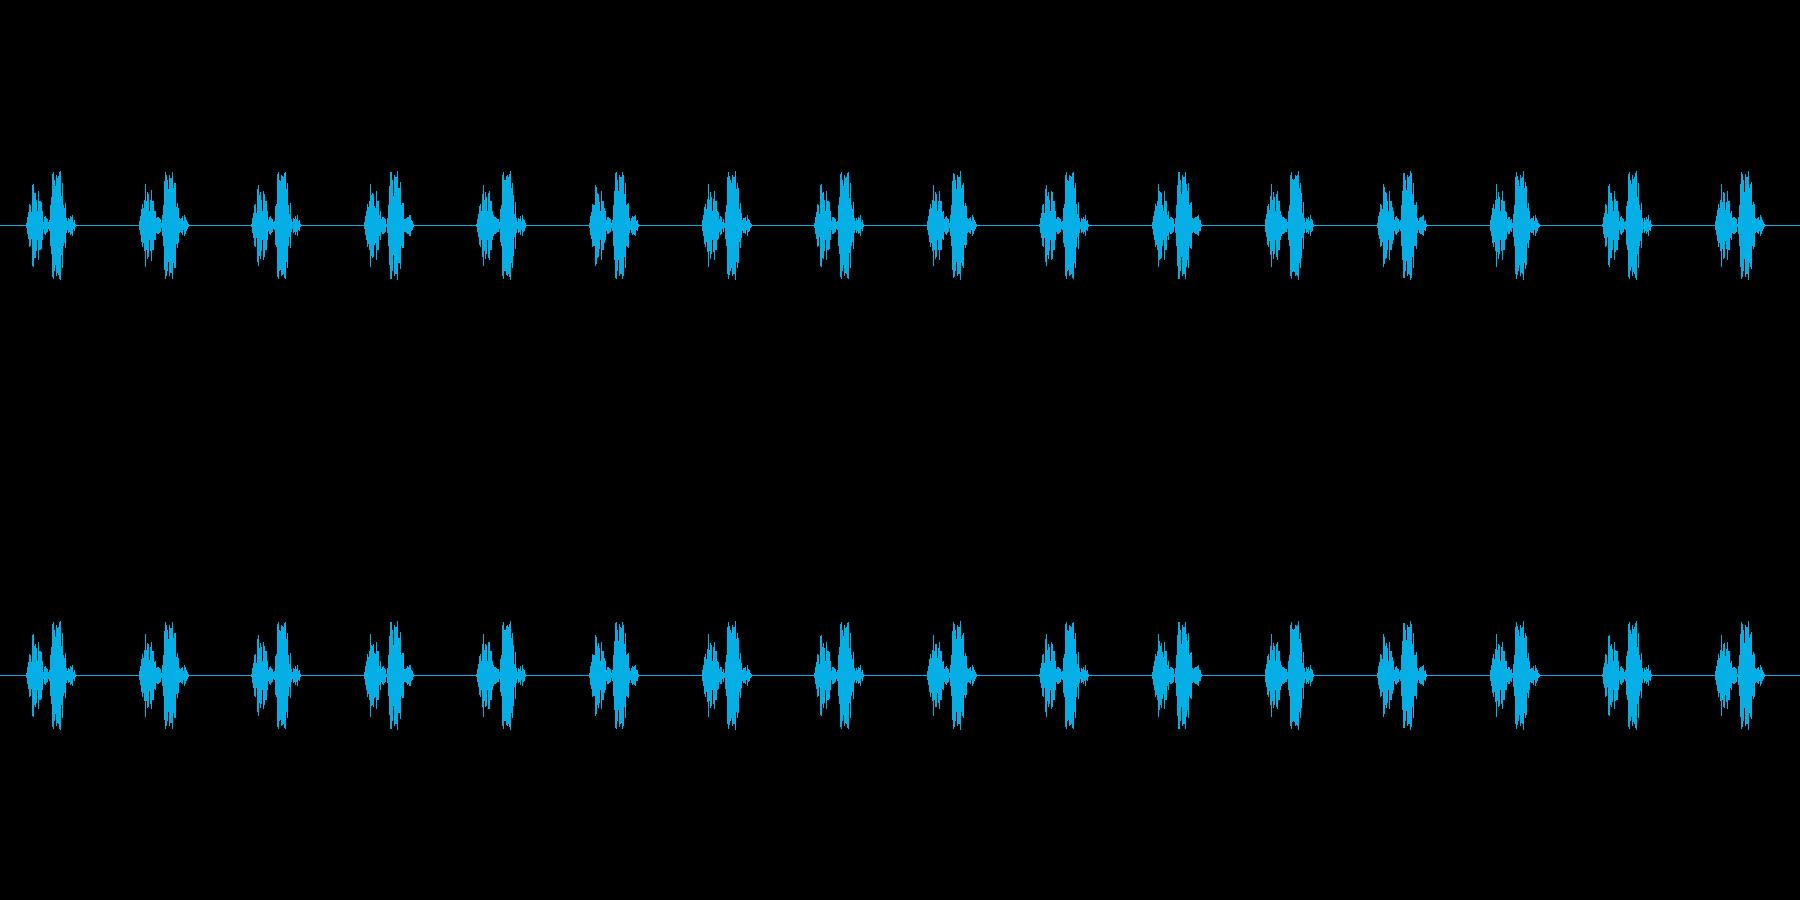 【慌てる05-4】の再生済みの波形